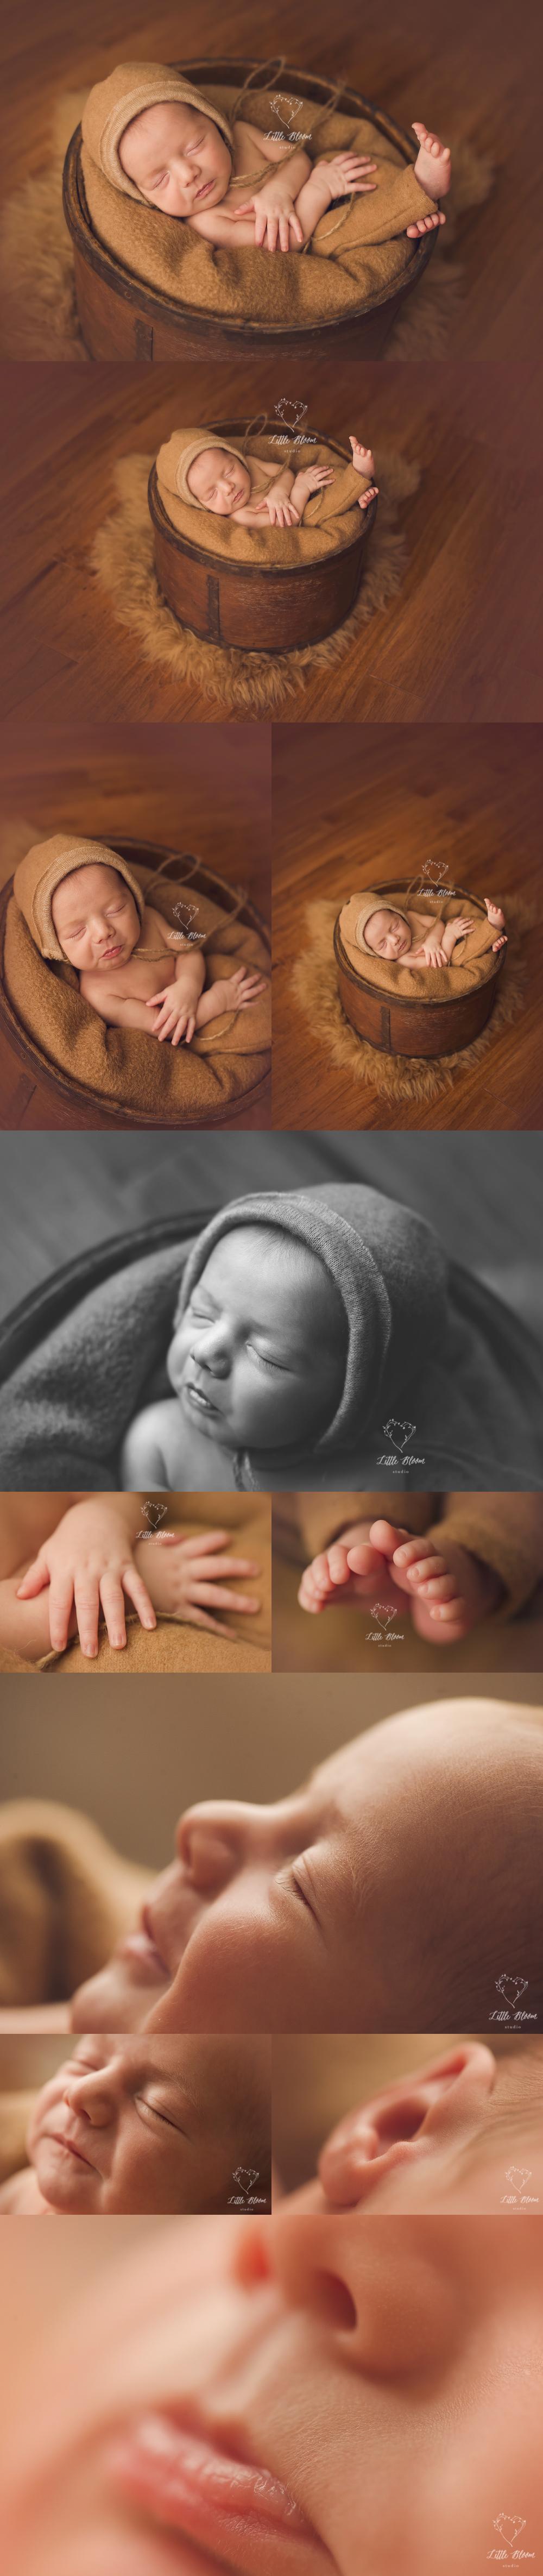 Asheville_baby_photographer.jpg